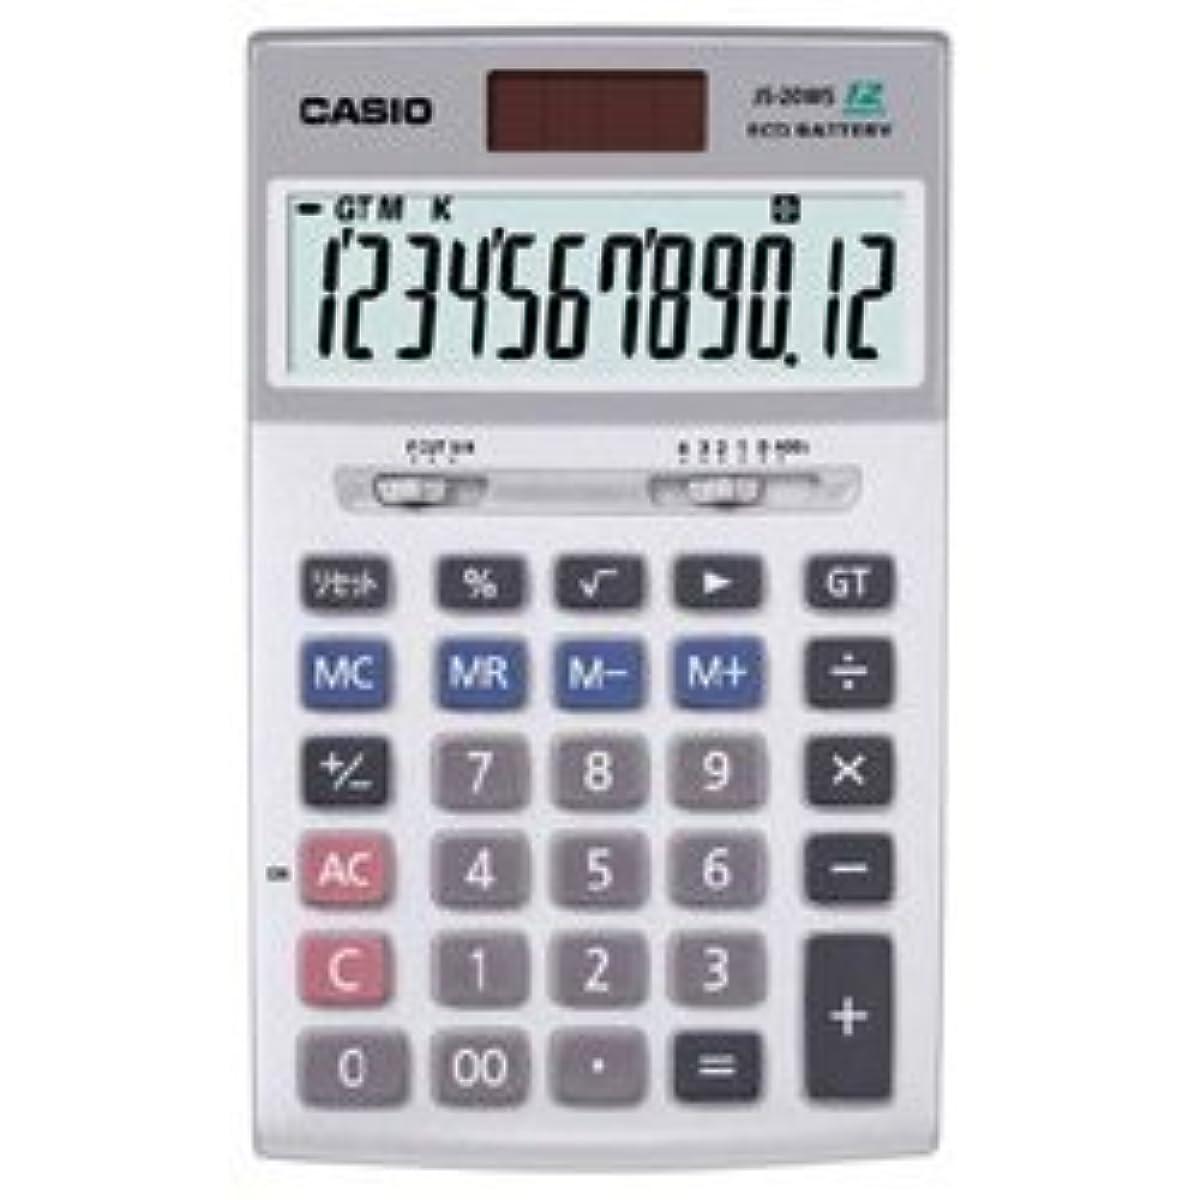 制裁承知しました和カシオ 電卓(12桁) JS-20WS-N